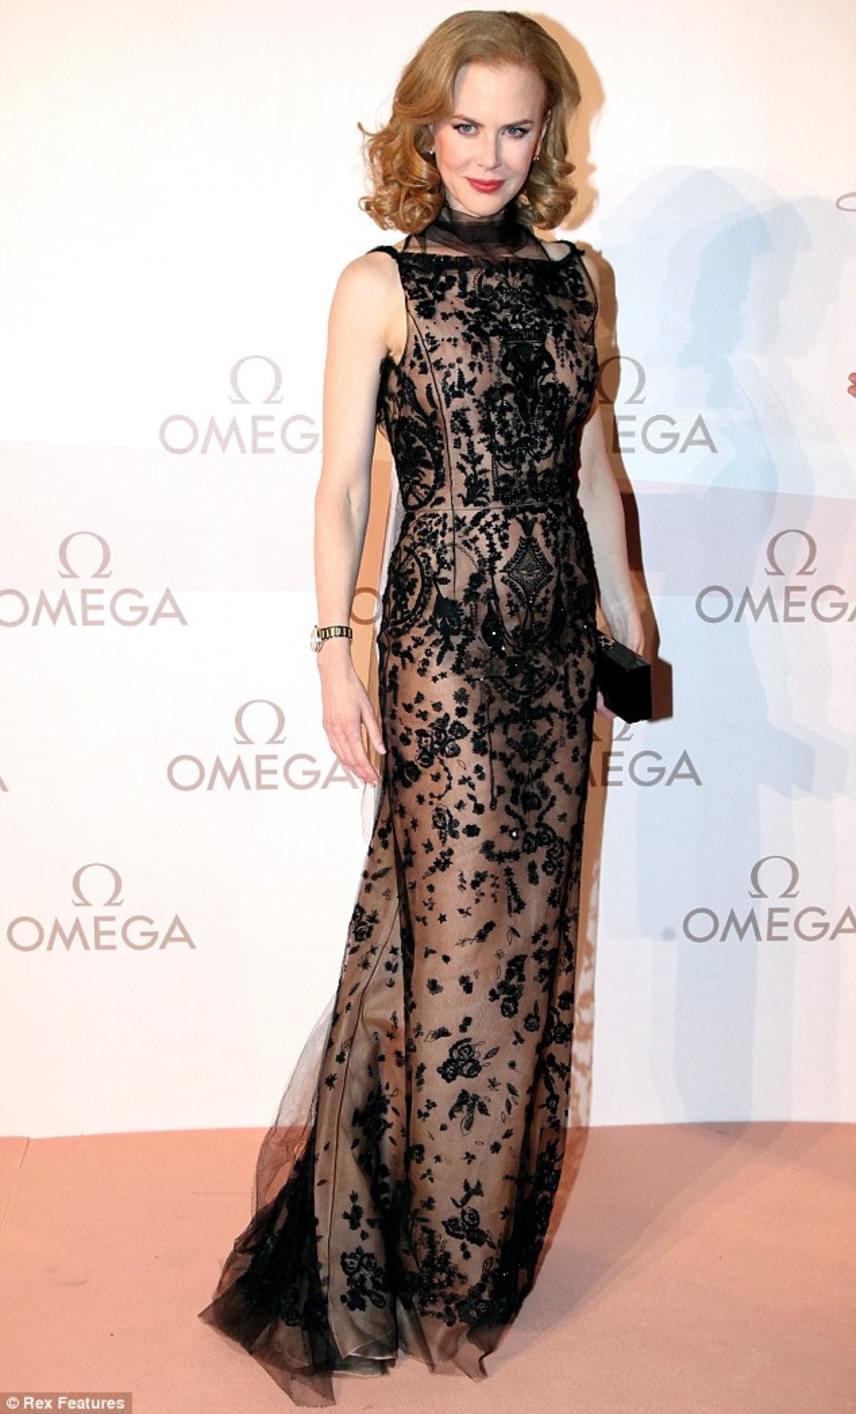 Nicole Kidman 2013-ban, Ausztriában, az Omega-gálán viselte ezt a fekete csipkecsodát, ami tényleg alig takart belőle valamit.